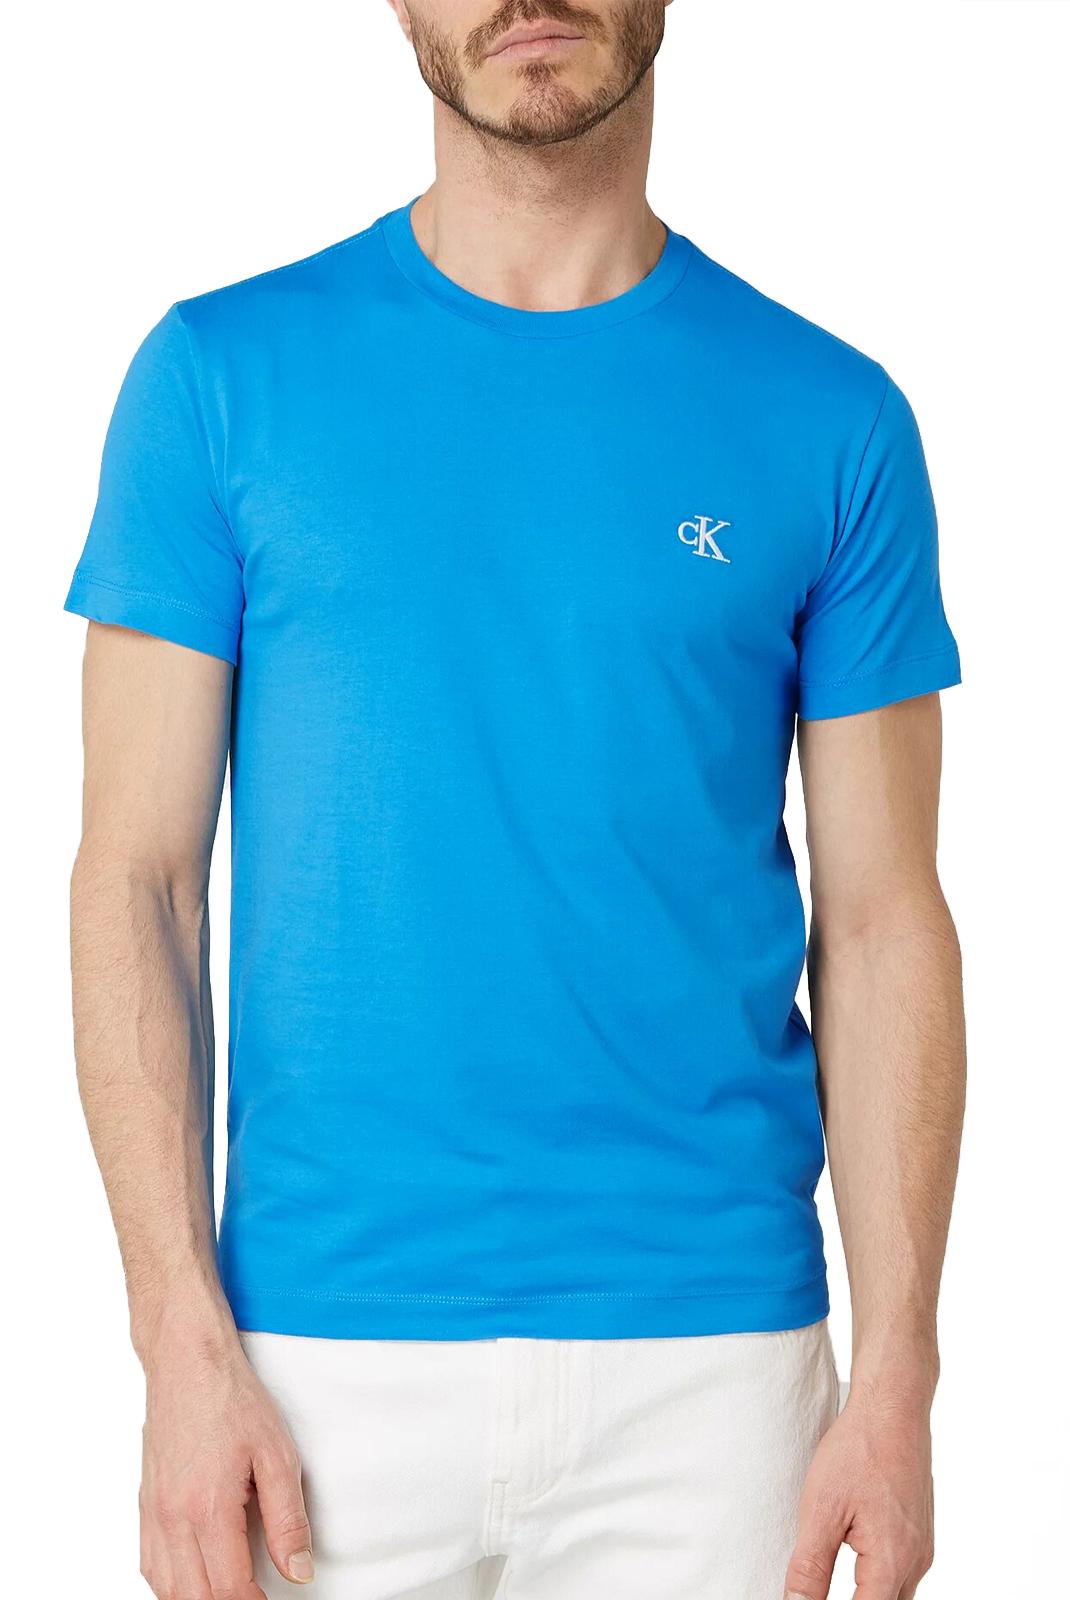 T-S manches courtes  Calvin klein J30J314544 - CK ESSENTIAL C2O COASTAL BLUE